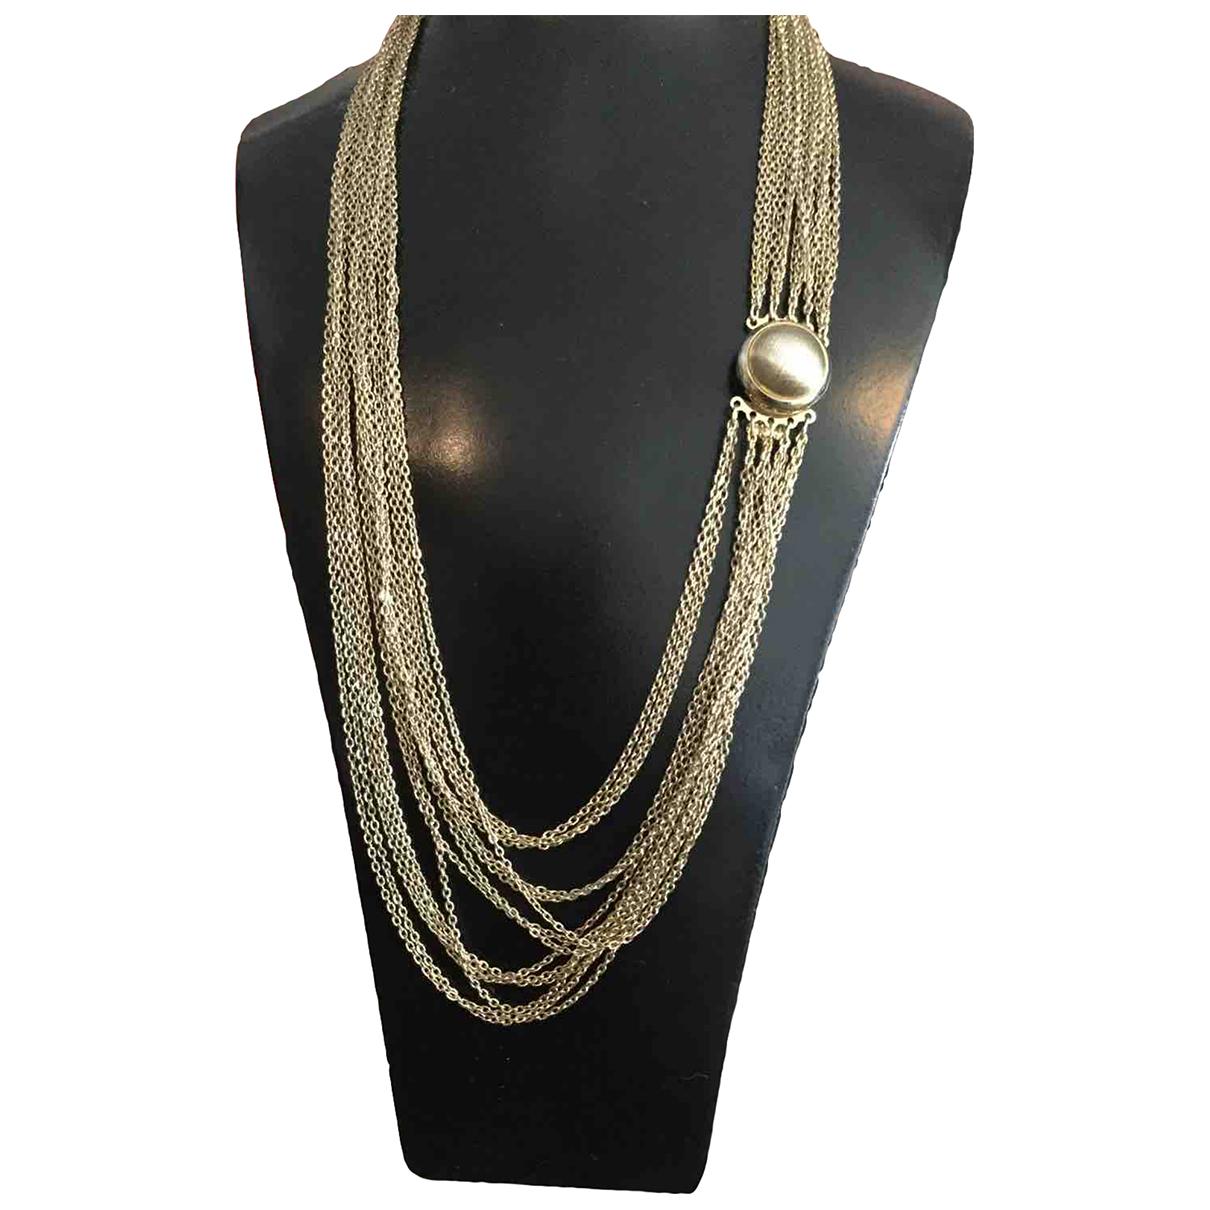 - Collier Art Deco pour femme en metal - dore